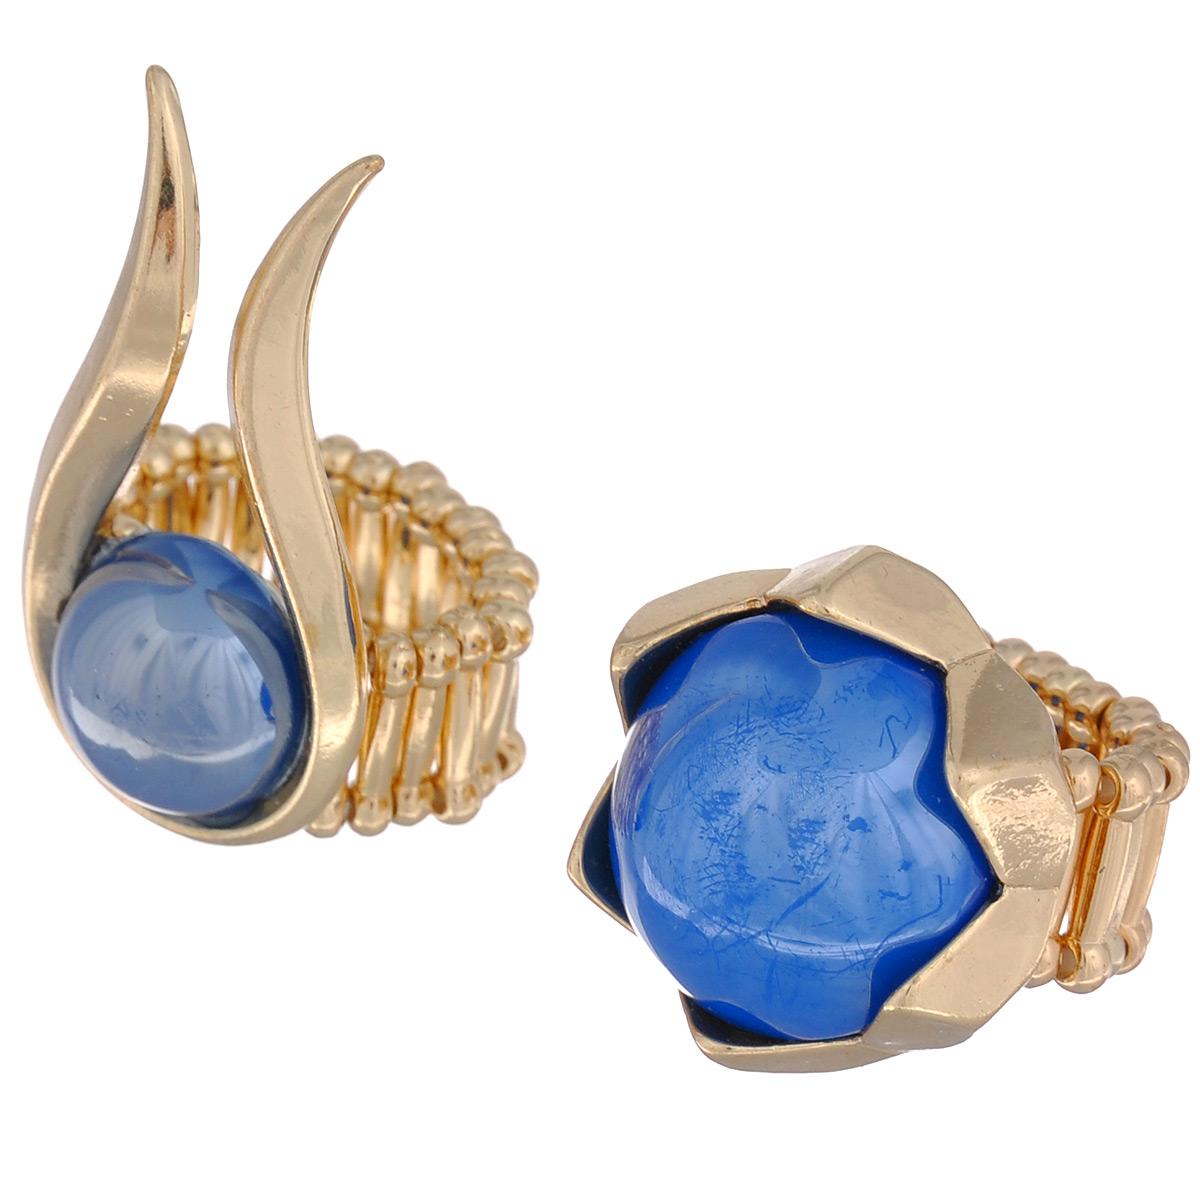 Кольцо Avgad, цвет: золотистый, синий. EA178JW126Коктейльное кольцоОригинальное кольцо Avgad выполнено из ювелирного сплава и декорировано дополнительным элементом из акрила. Элементы соединены с помощью тонкой резинки, благодаря этому оно легко одевается и снимается. Размер универсальный.Кольцо позволит вам с легкостью воплотить самую смелую фантазию и создать собственный, неповторимый образ.